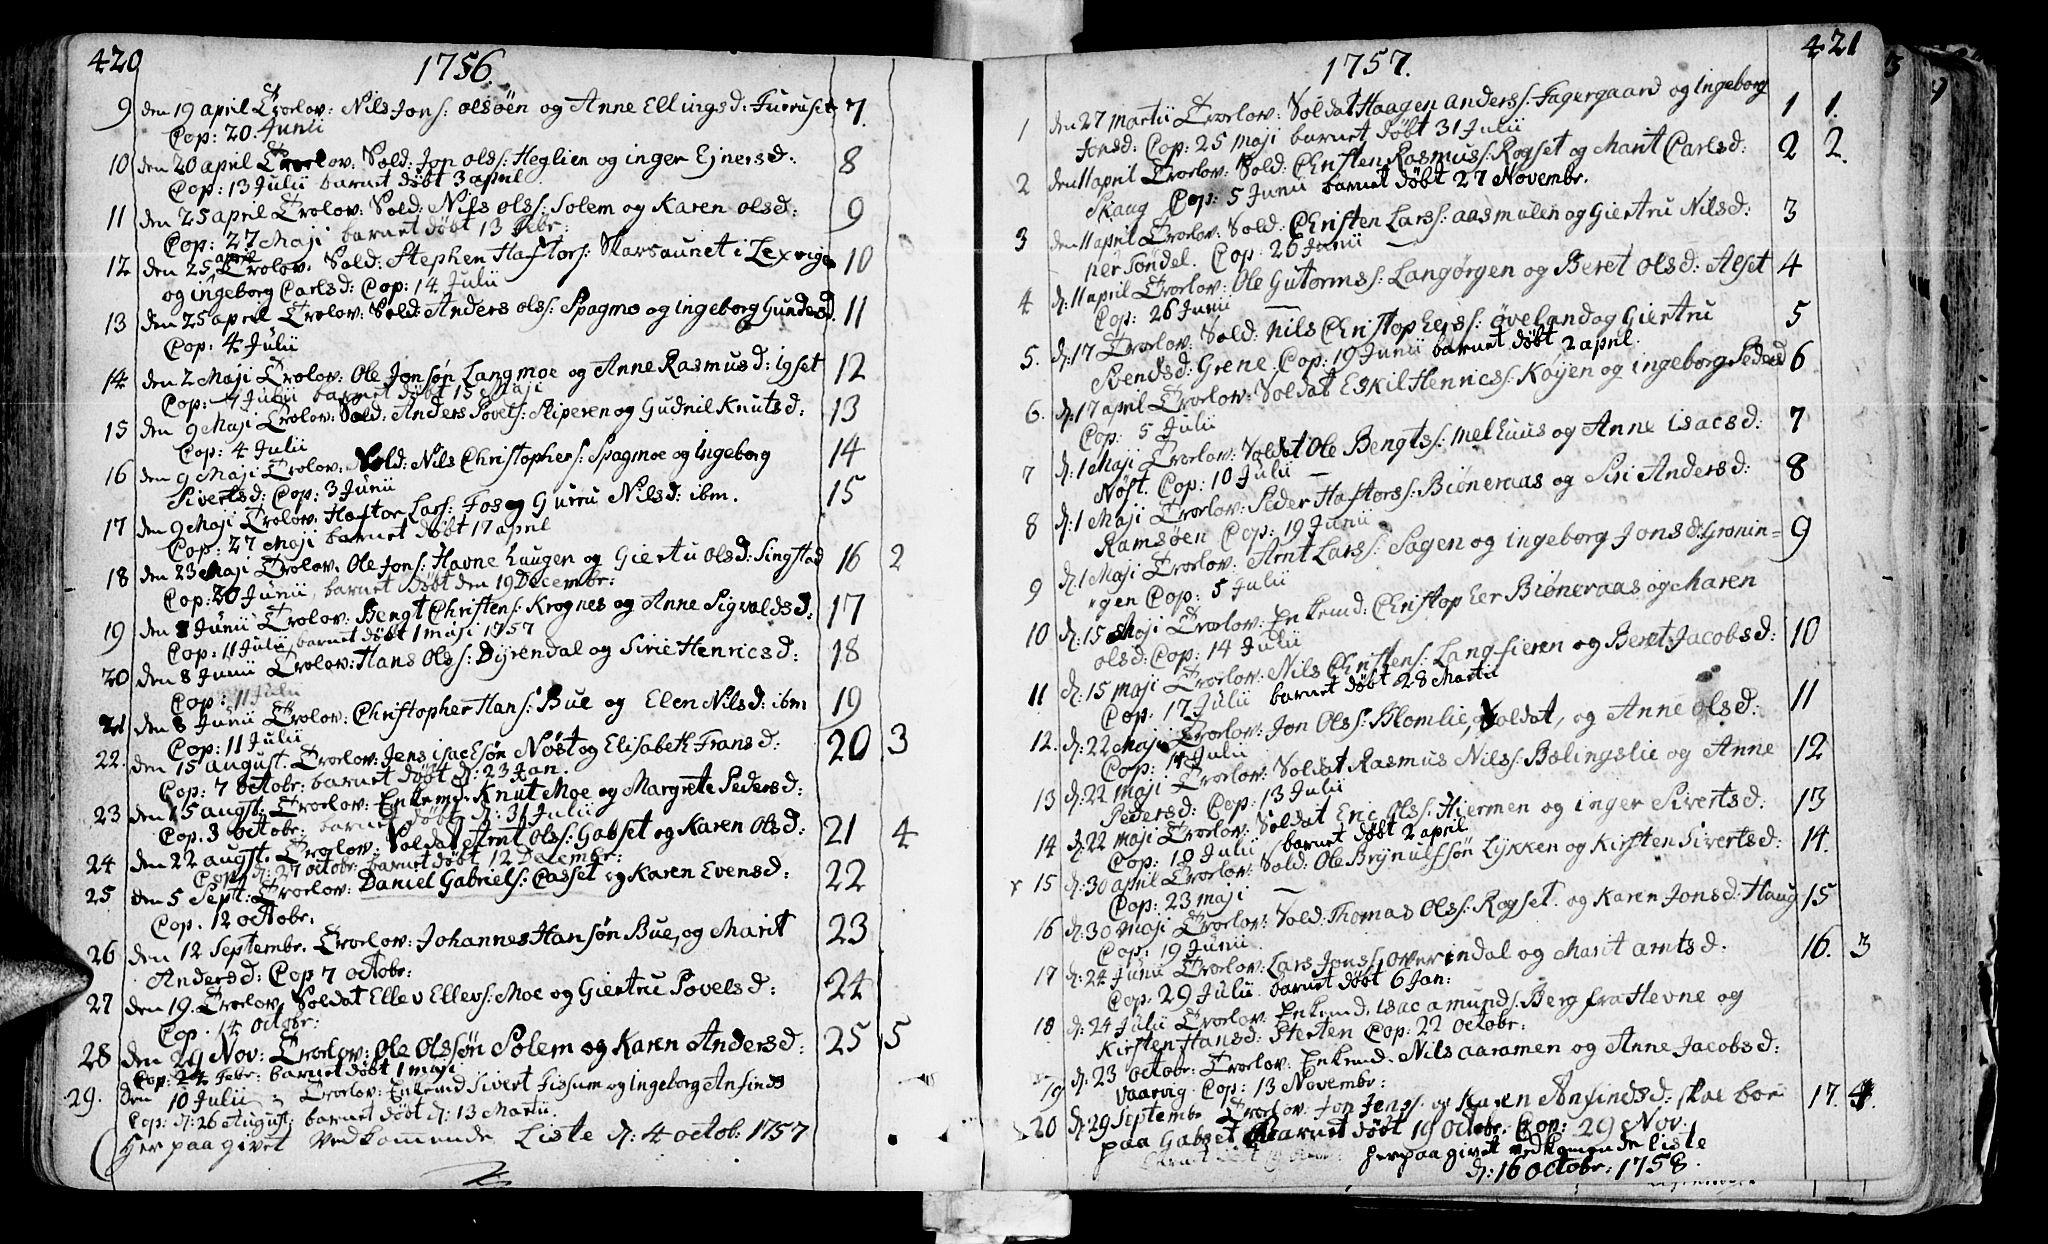 SAT, Ministerialprotokoller, klokkerbøker og fødselsregistre - Sør-Trøndelag, 646/L0605: Ministerialbok nr. 646A03, 1751-1790, s. 420-421